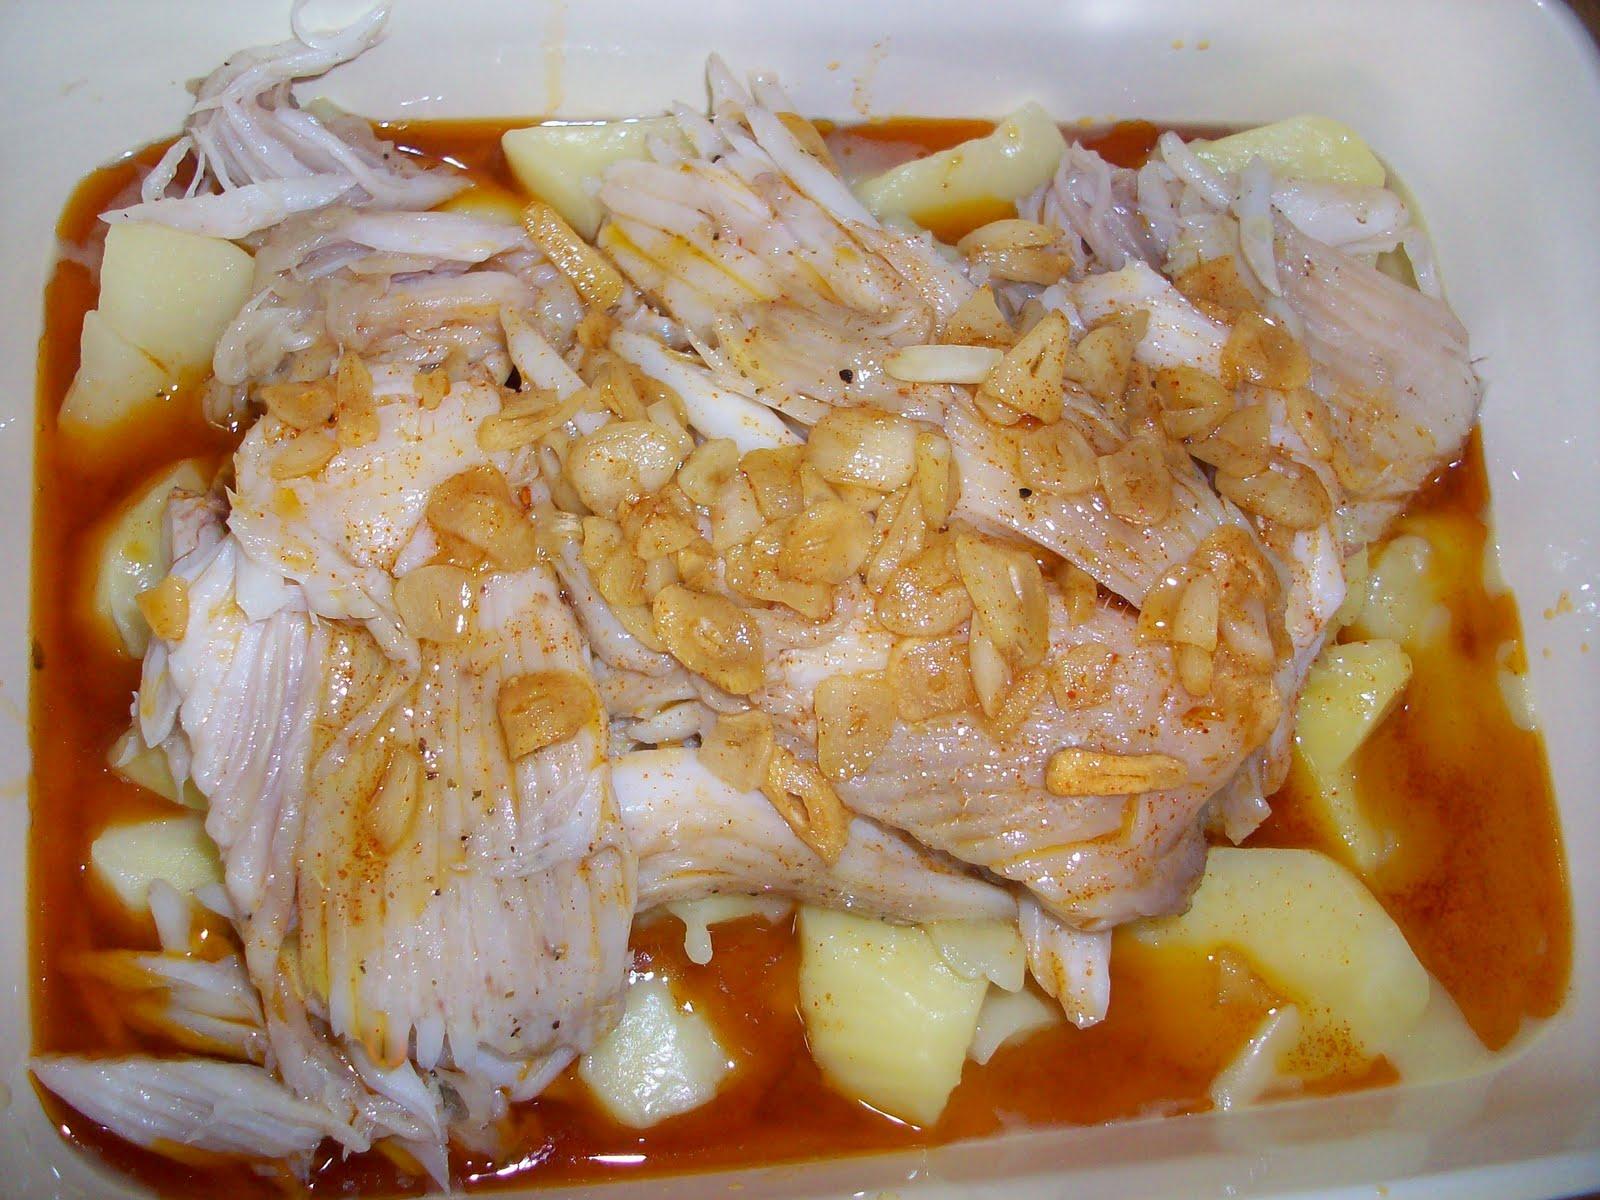 Sabores de ayer y hoy raya a la gallega en thermomix for Cocinar raya a la gallega